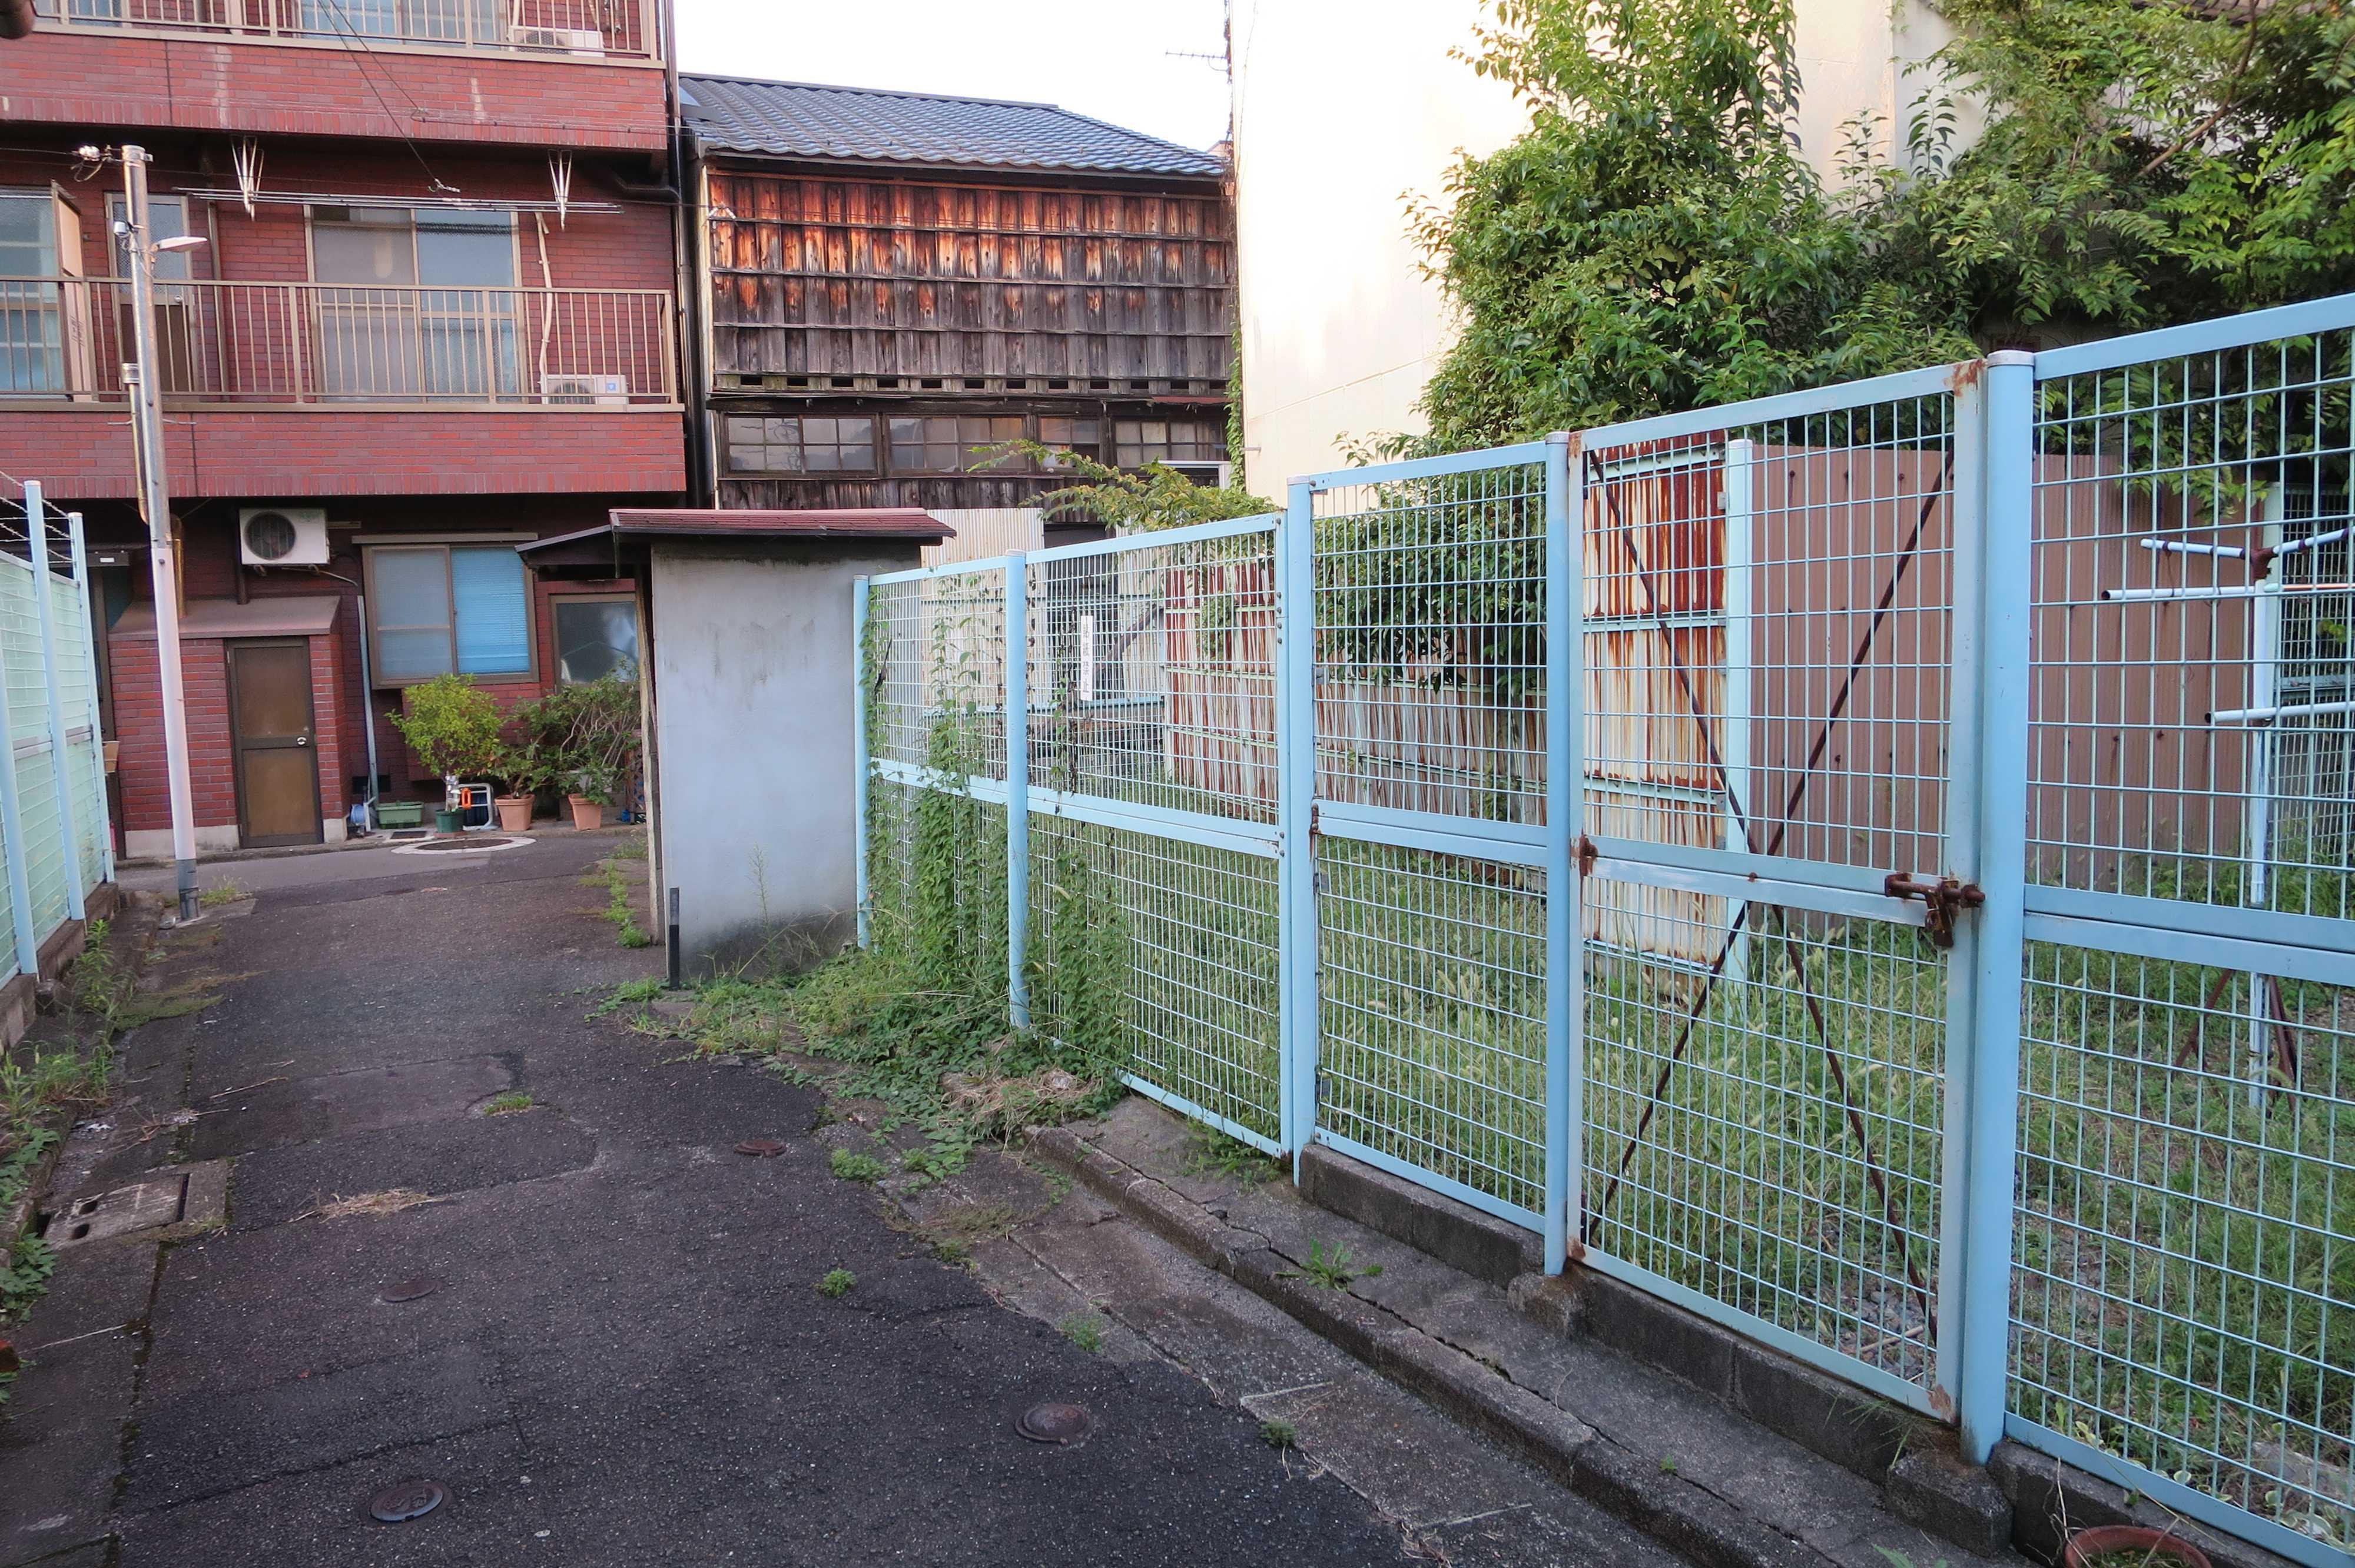 京都・崇仁地区 - 周囲をフェンスで囲まれた敷地